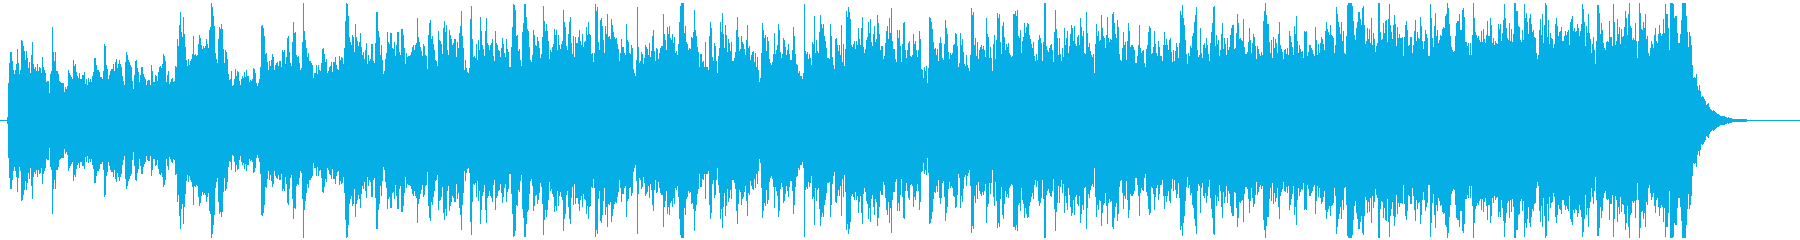 現代的 交響曲 ほのぼの 幸せ ロ...の再生済みの波形